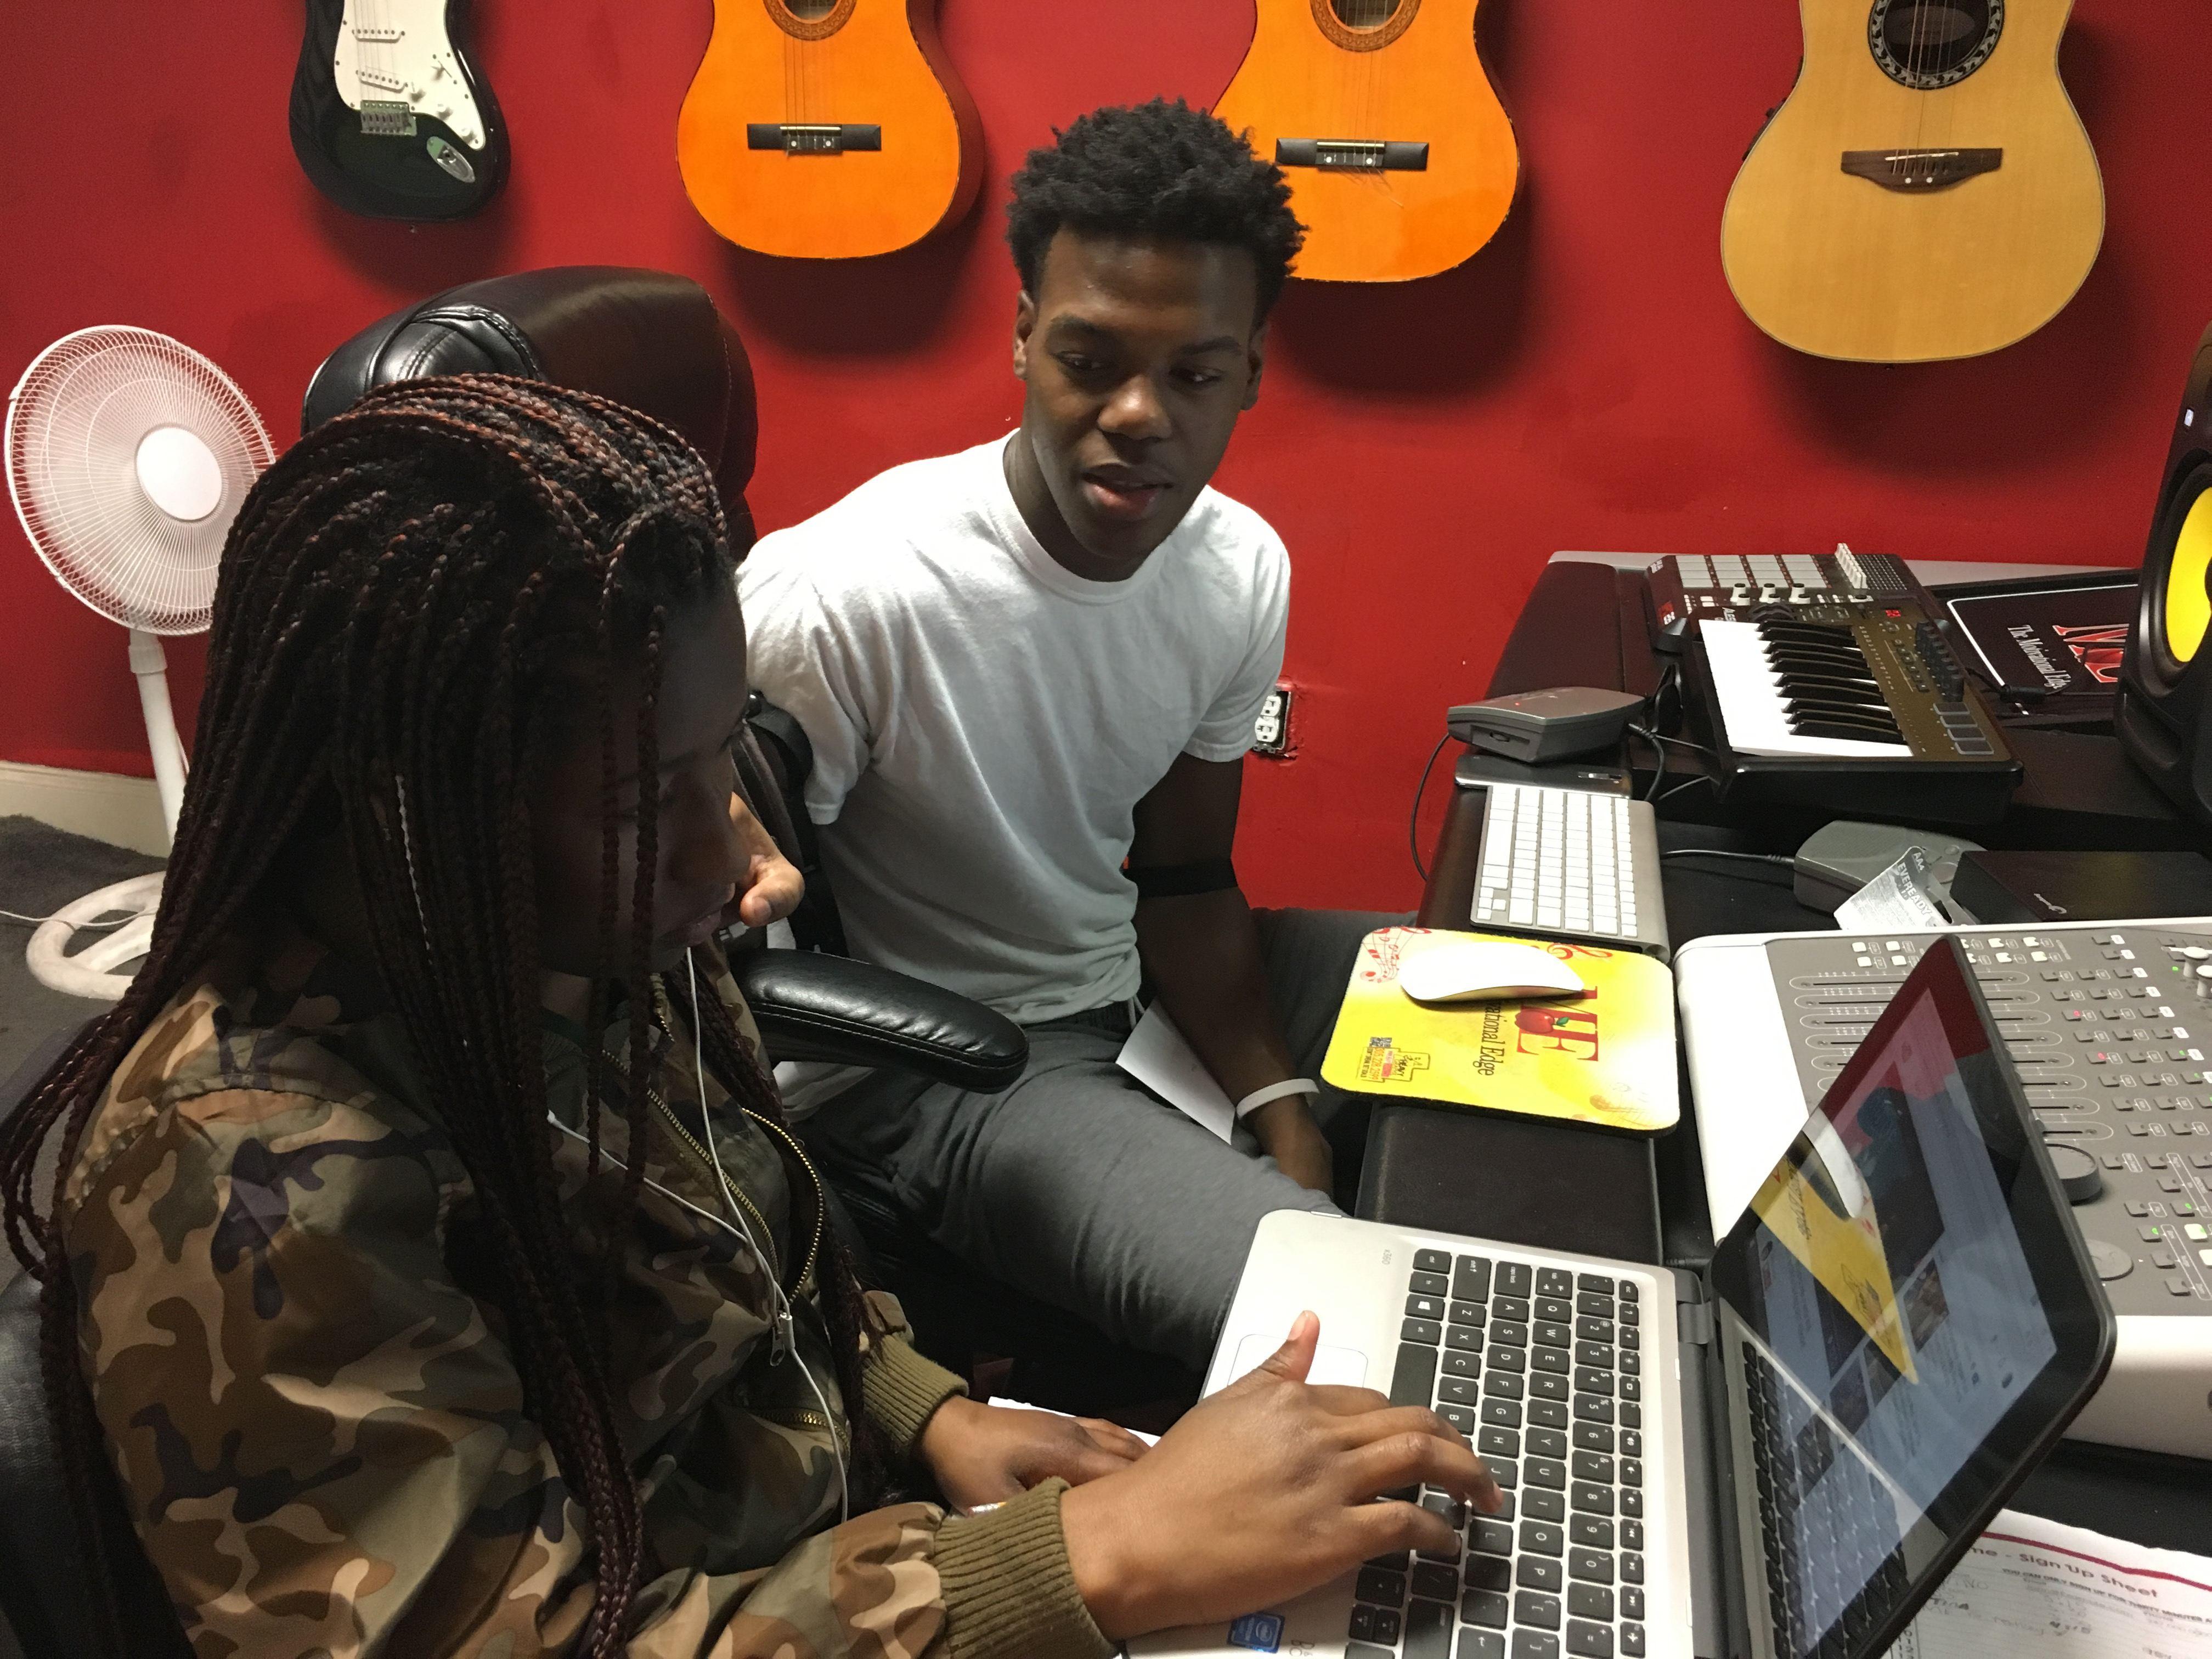 motivational edge music production 2 - Copy (2) - Copy